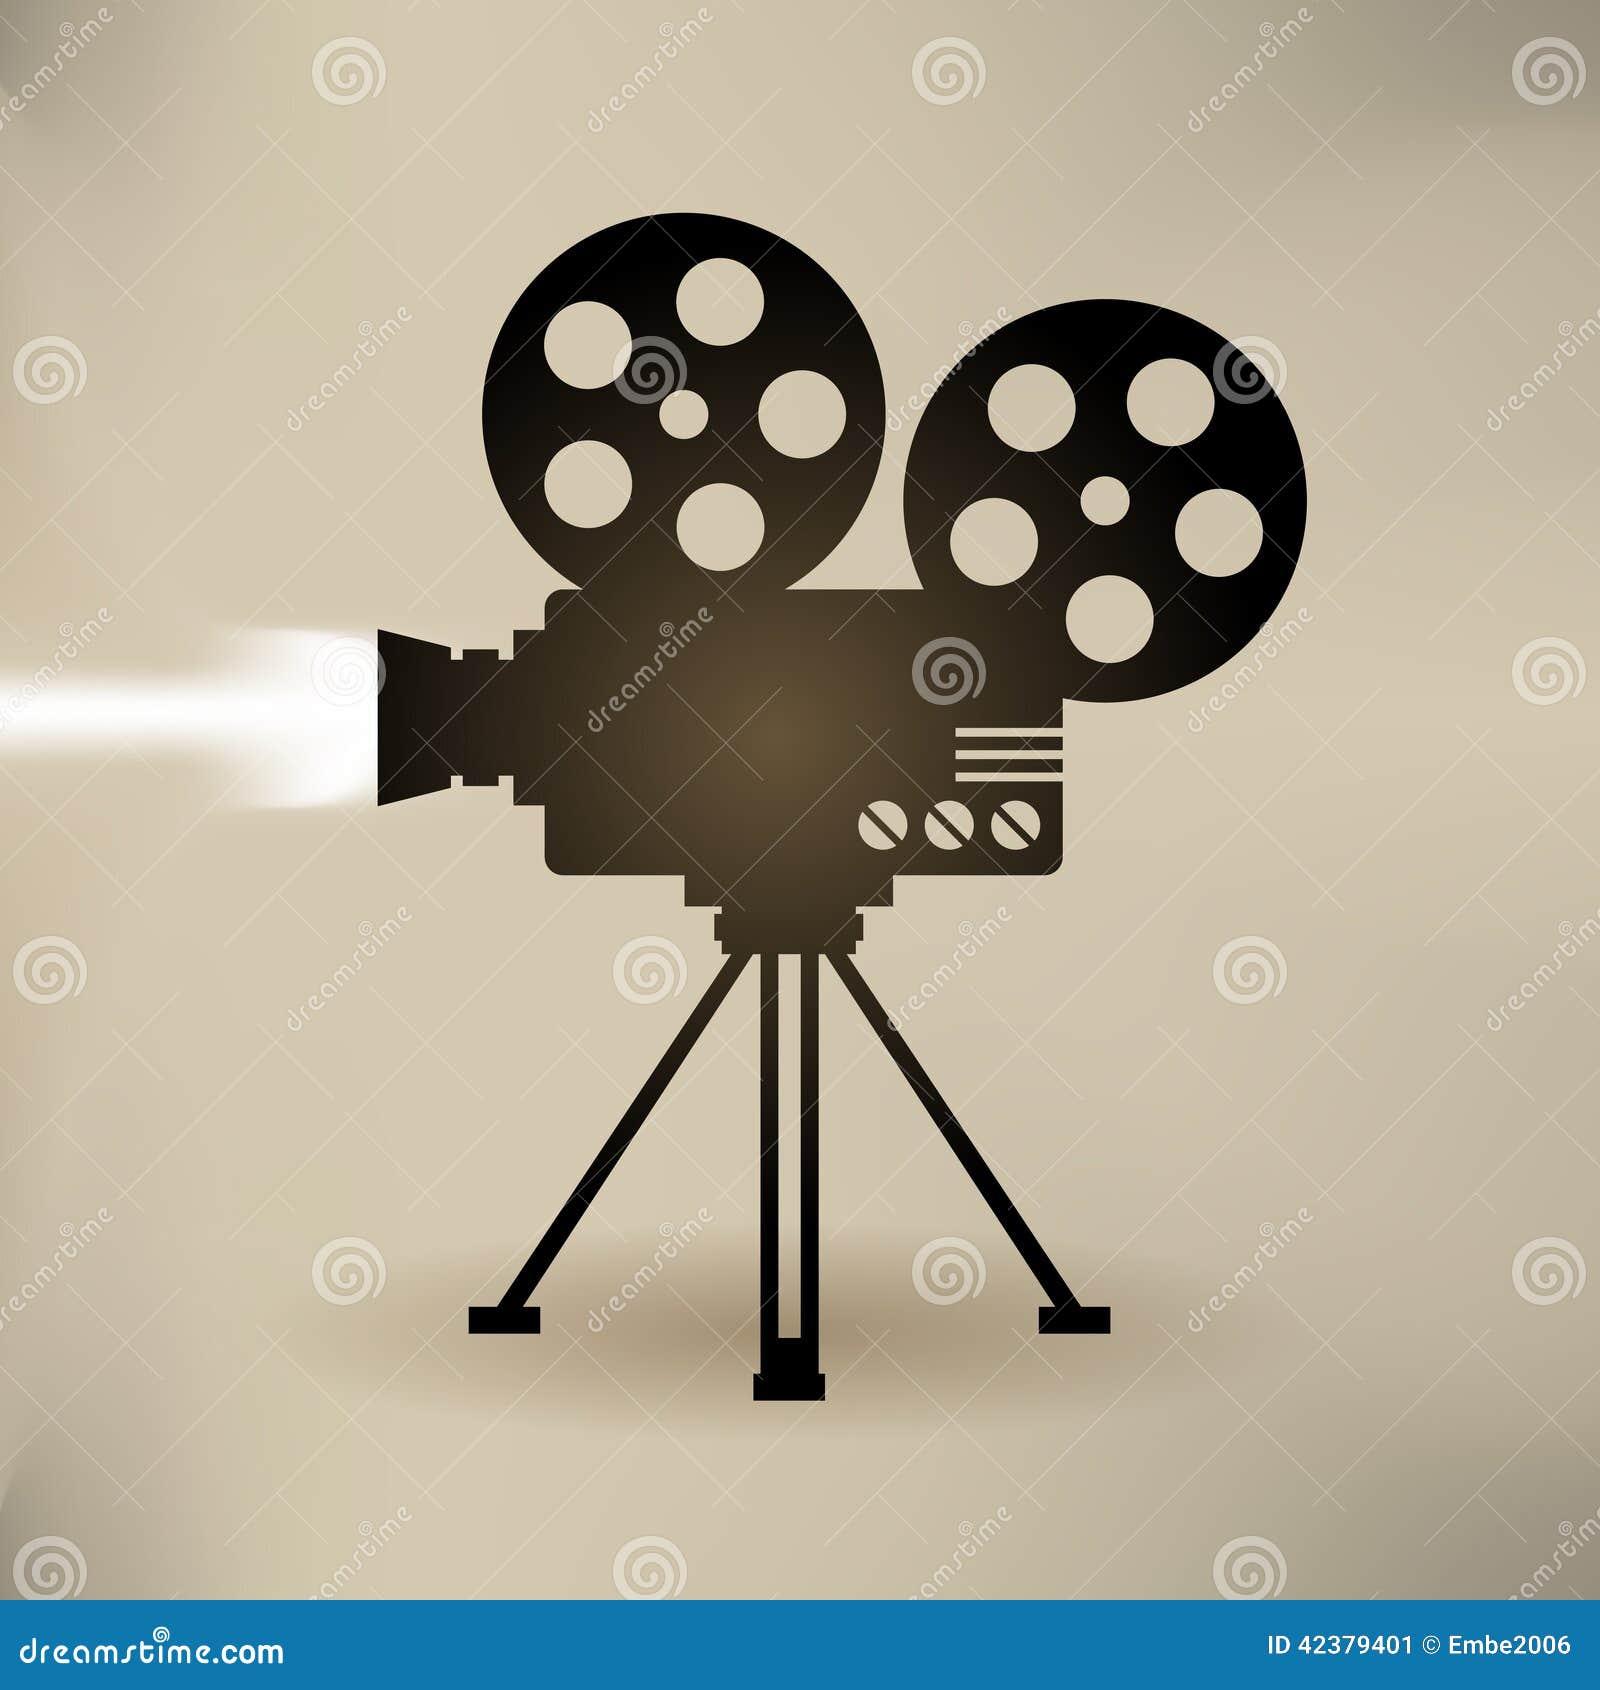 old filming camera clip art